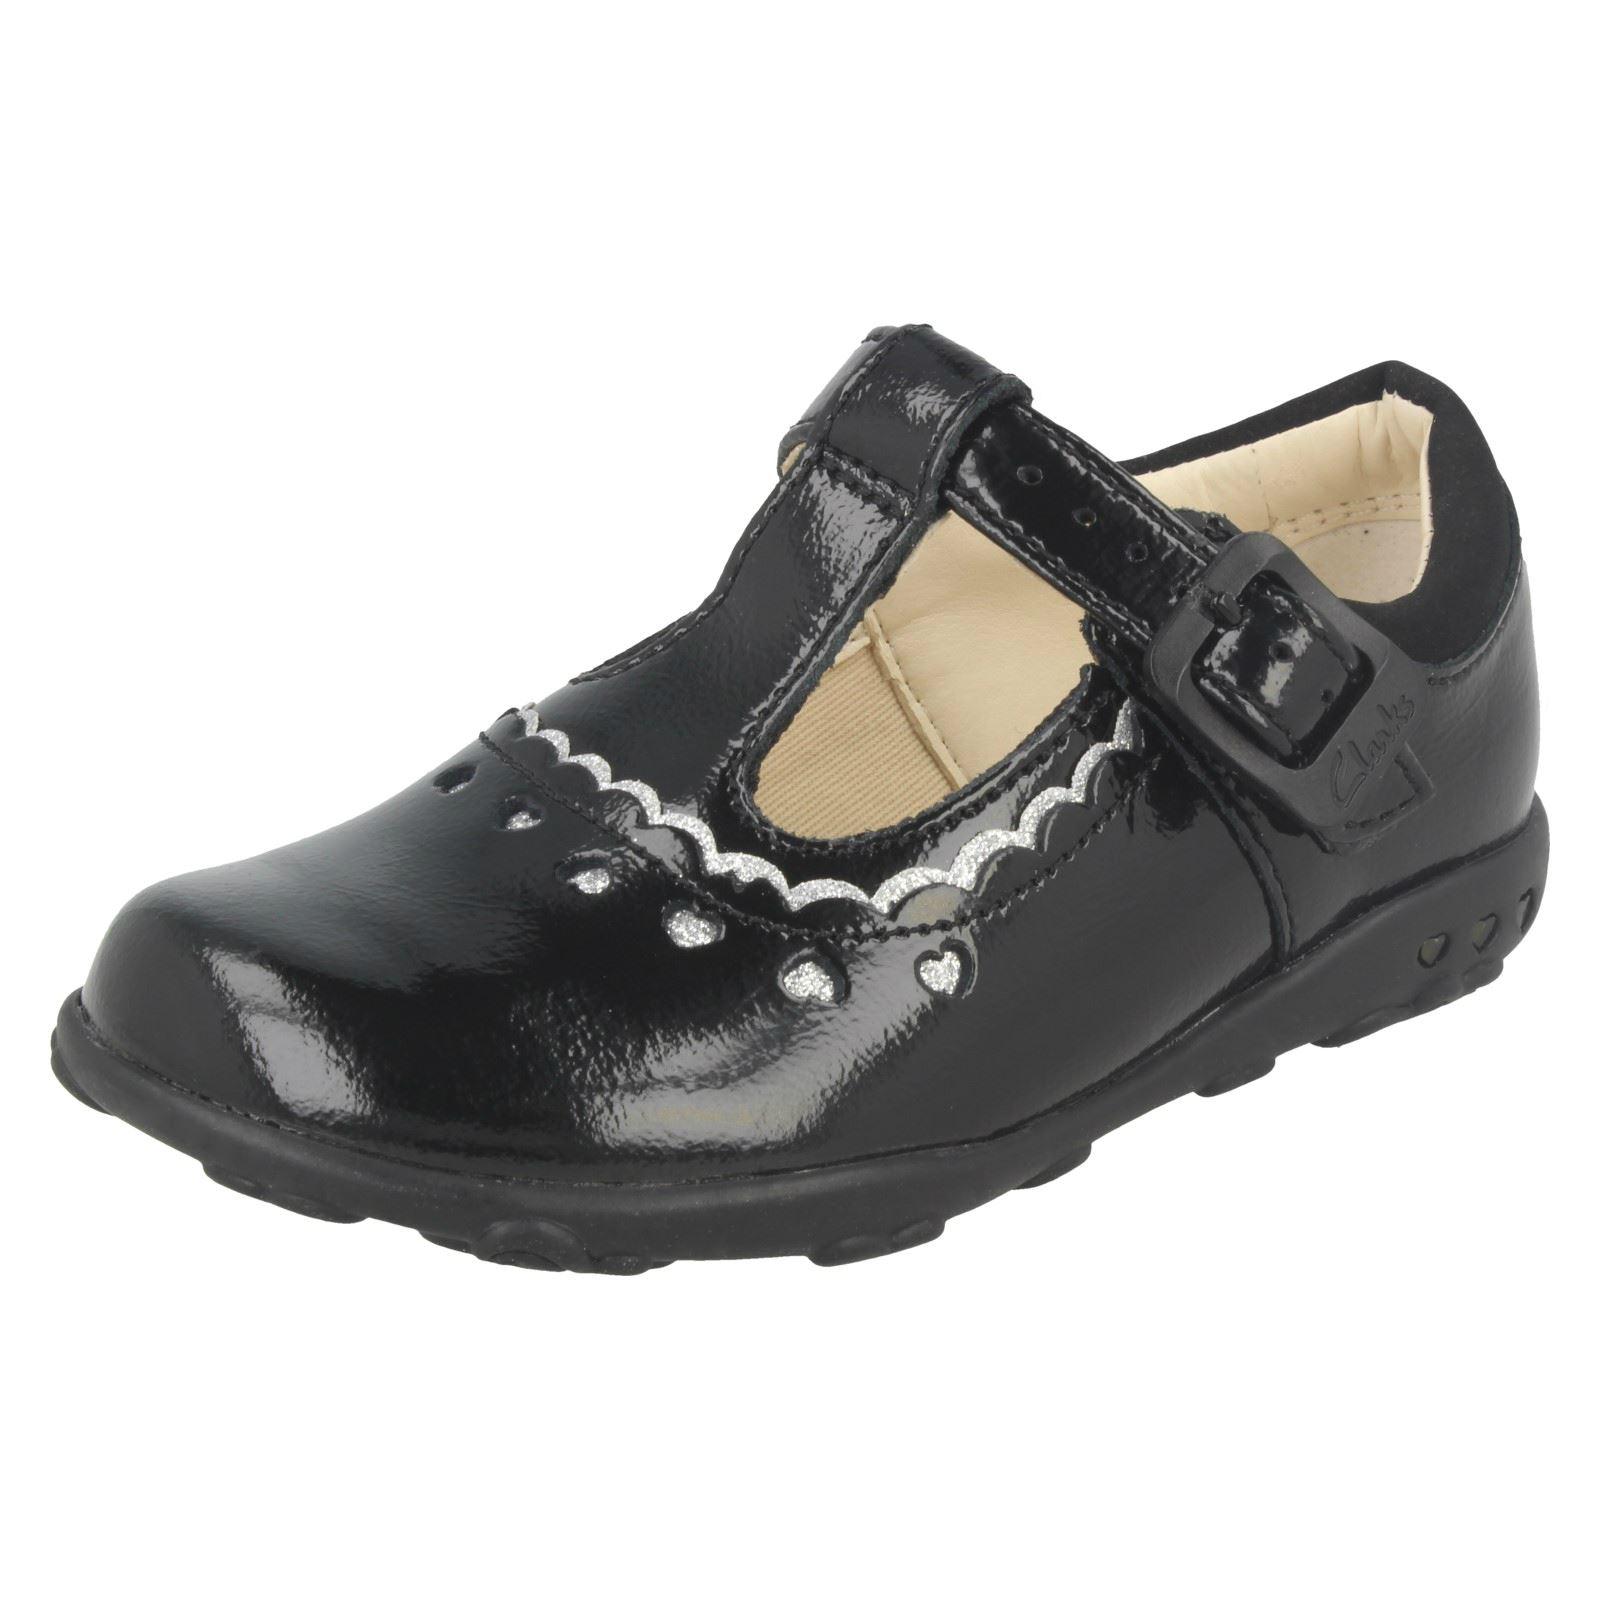 Clarks Primero Zapatos Ella Charol Negro T barras